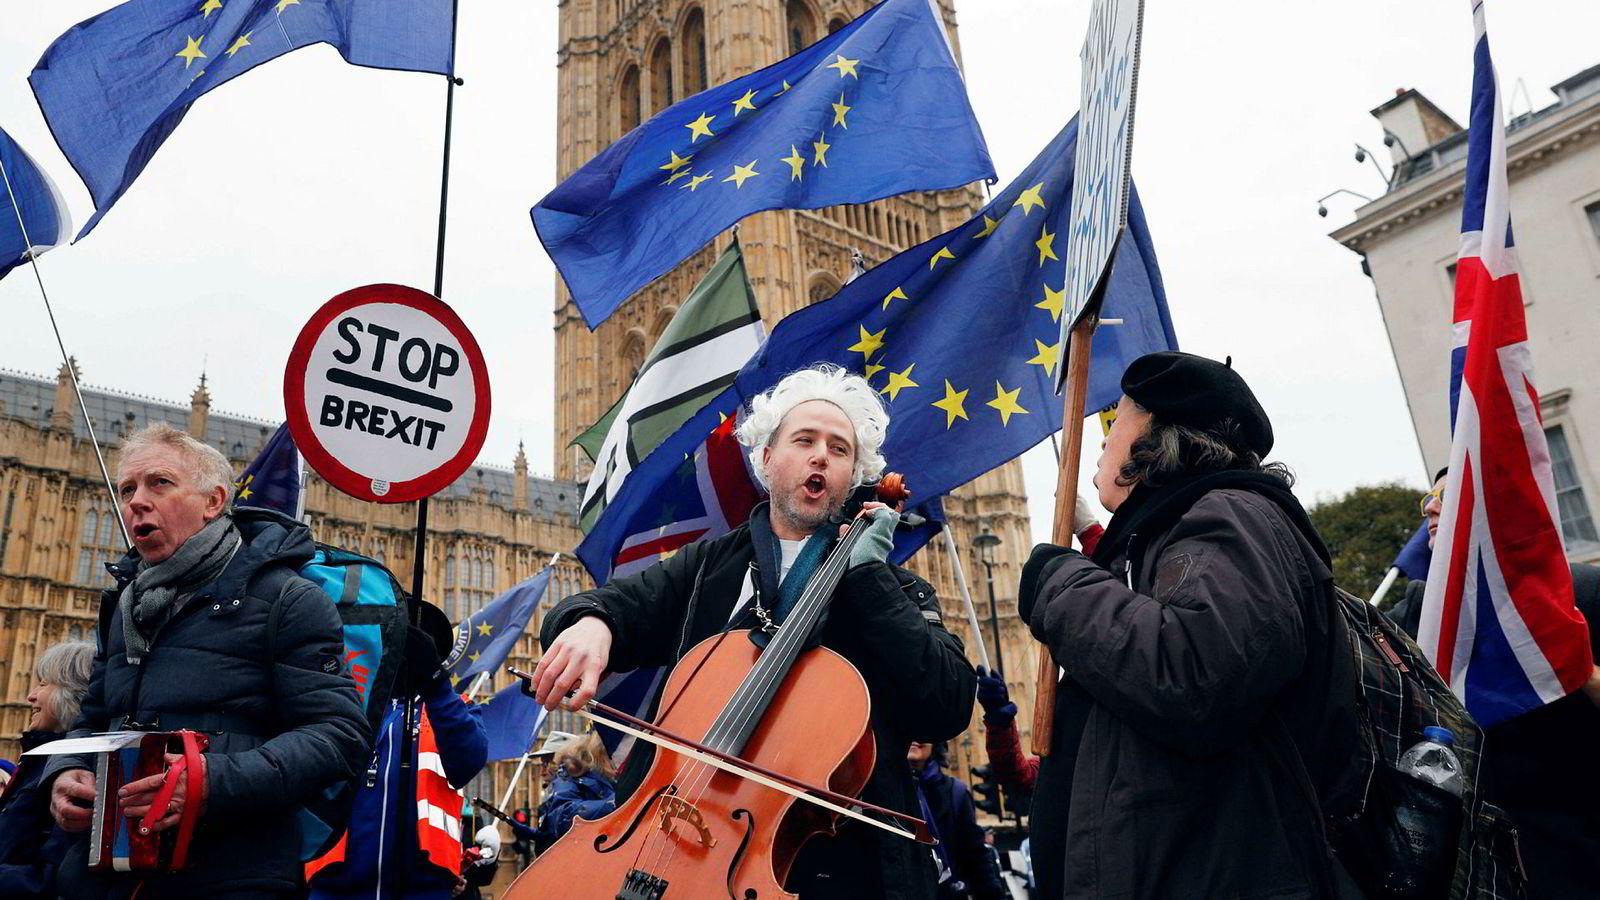 Tirsdag 15. januar, fra 20.00 og utover norsk tid, skal det britiske underhuset stemme over regjeringens plan for avskjed med Europaunionen. Men det er ikke slutten likevel. Her fra en anti-brexitdemonstrasjon i London i januar 2019.